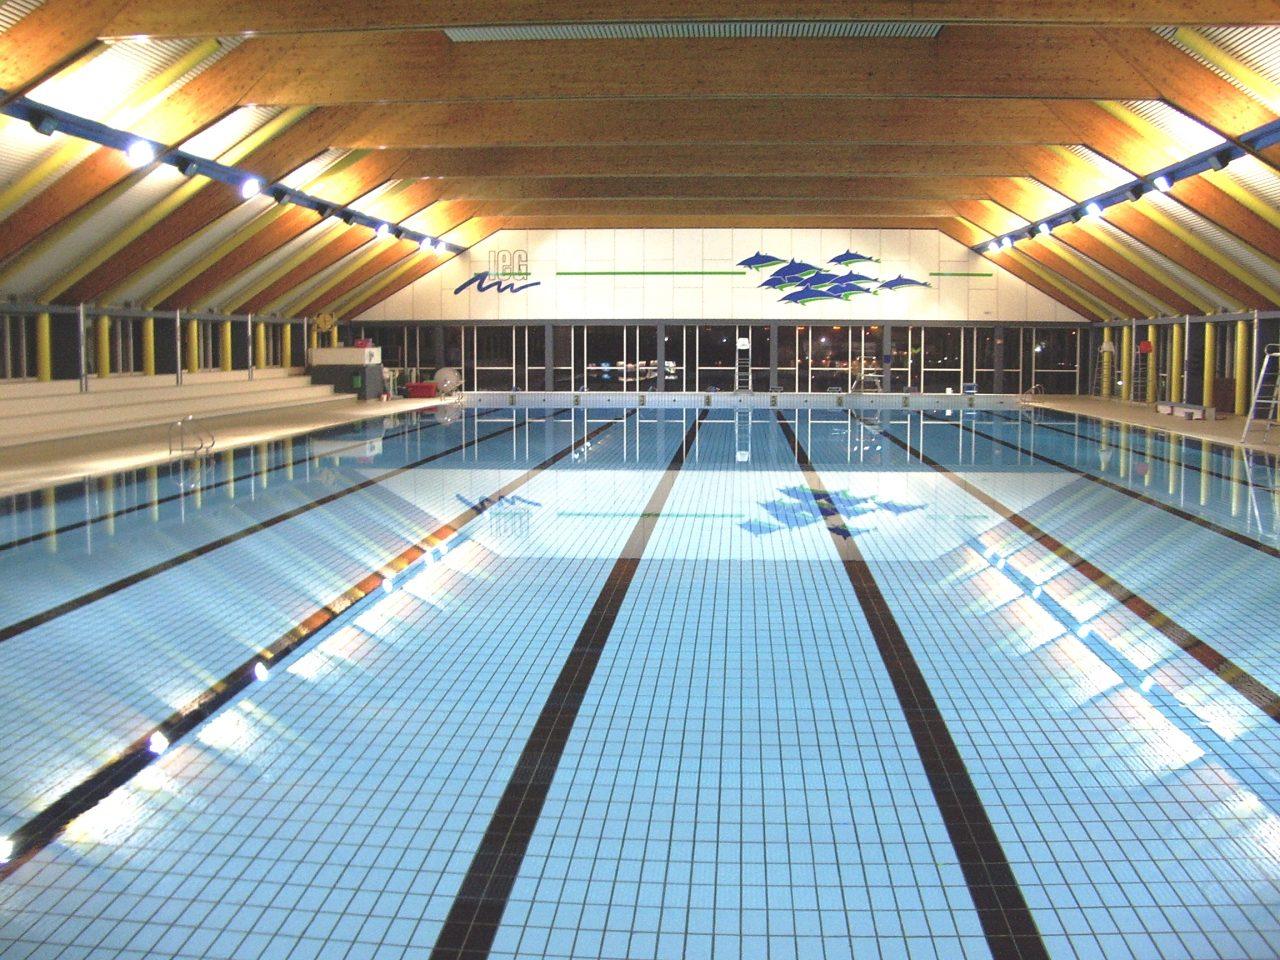 IEG - Piscine Olympique - Piscine les dauphins de Mouscron